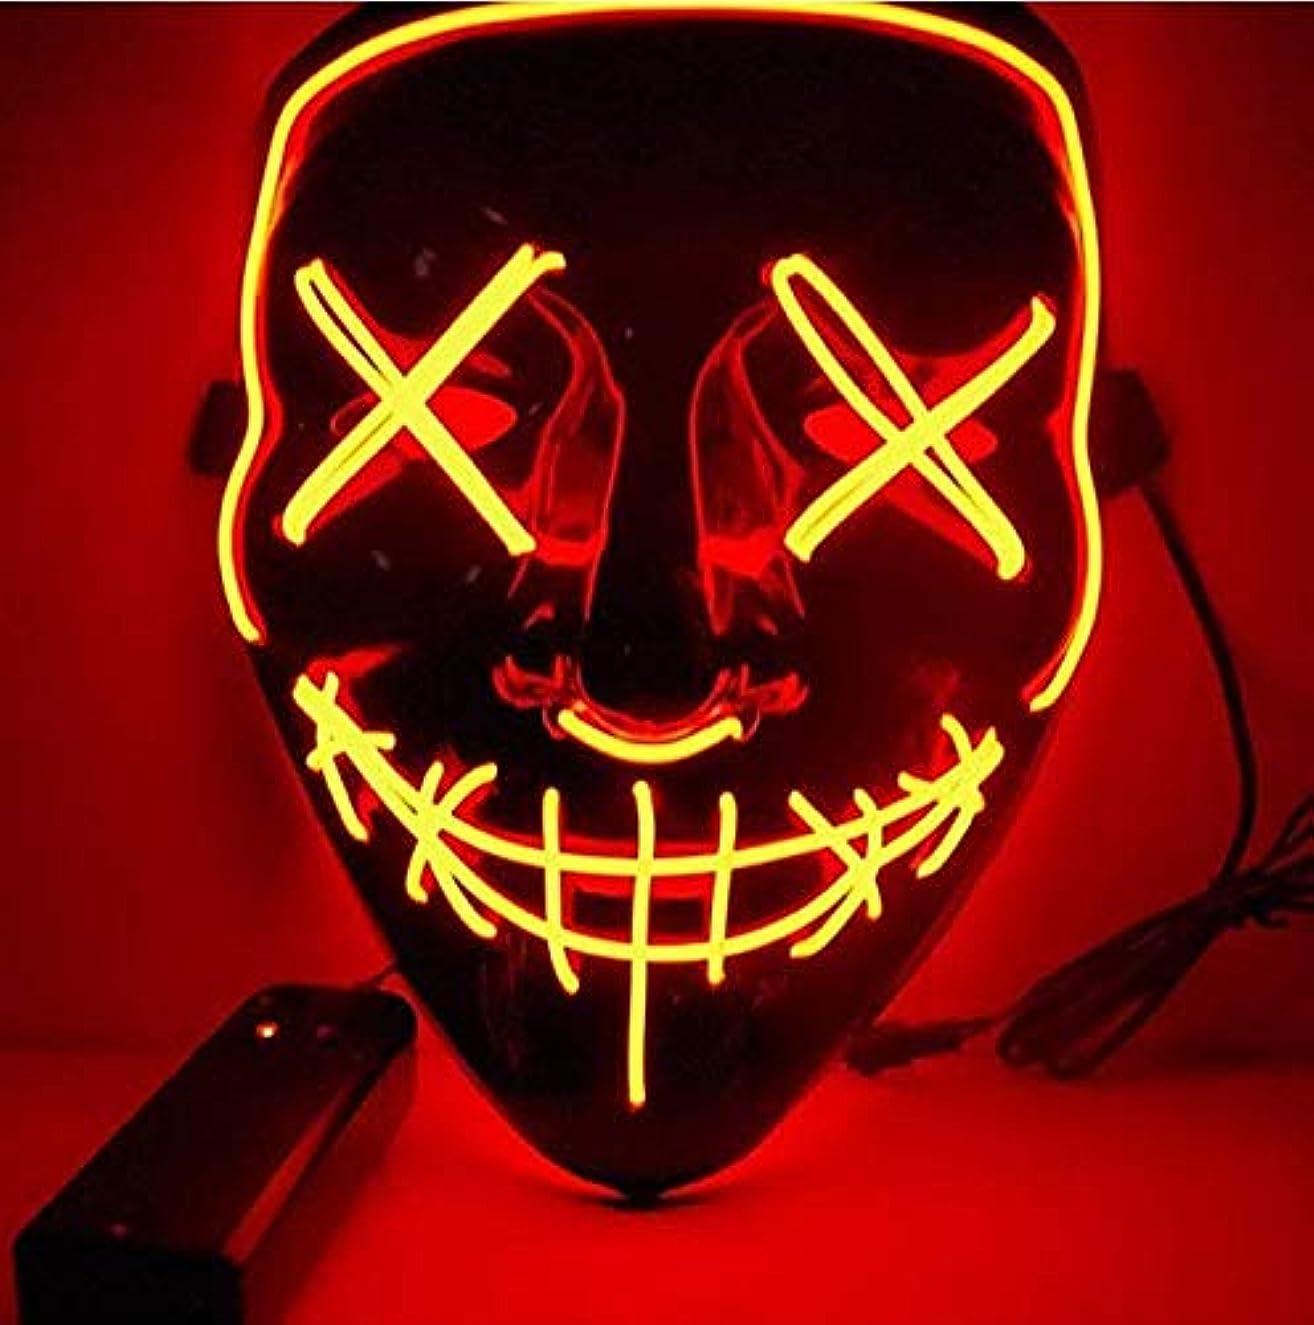 講義万一に備えてポルトガル語ハロウィンマスクLEDライトアップパーティーマスクコスプレコスチュームサプライ暗闇で光る (Color : ROSE RED)